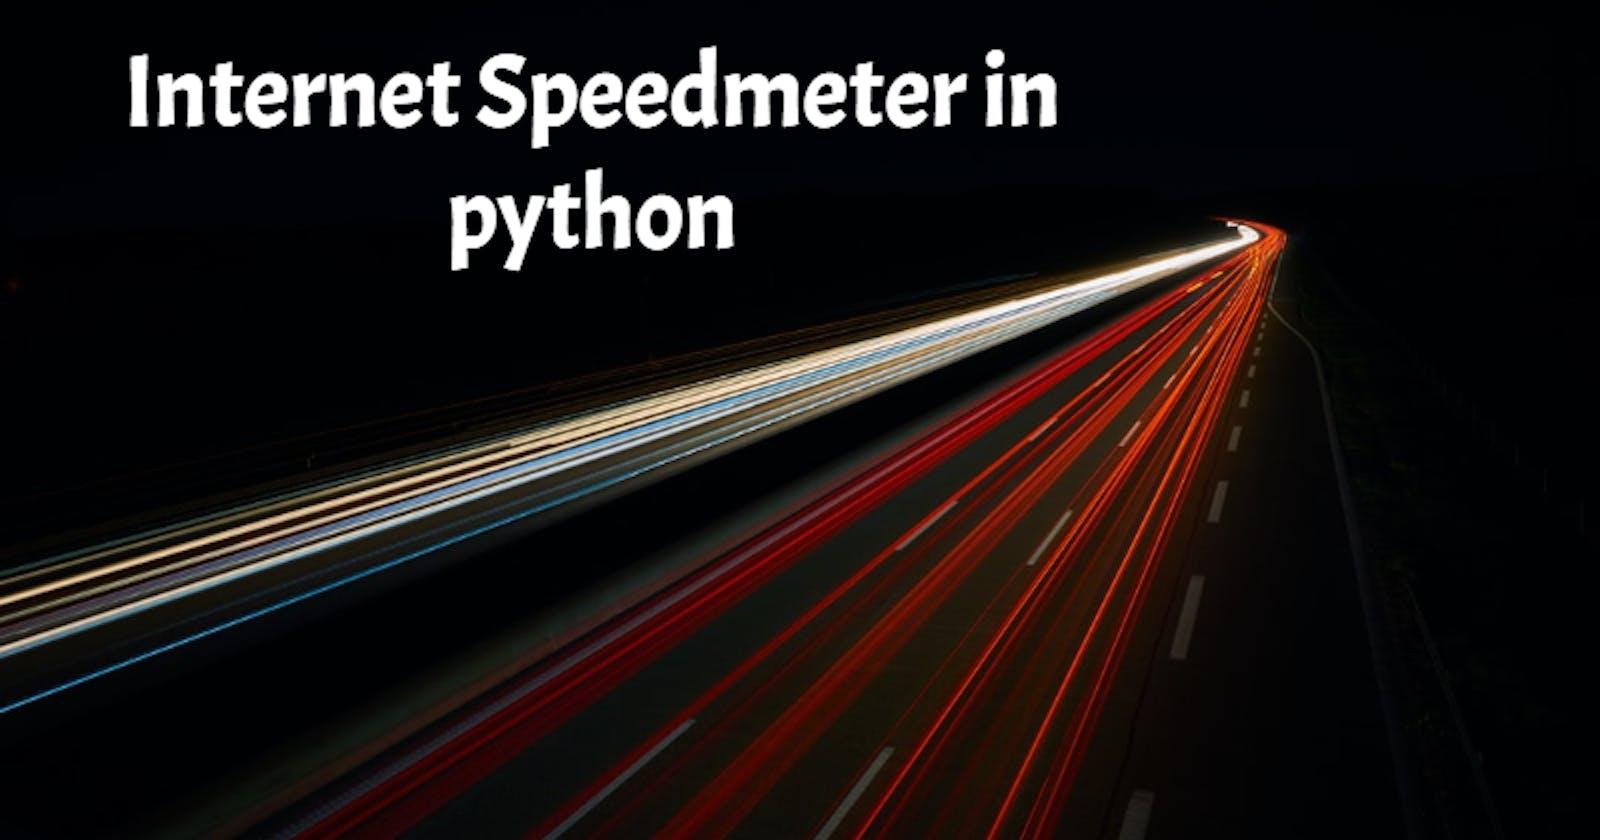 Build an Internet Speedmeter in Python